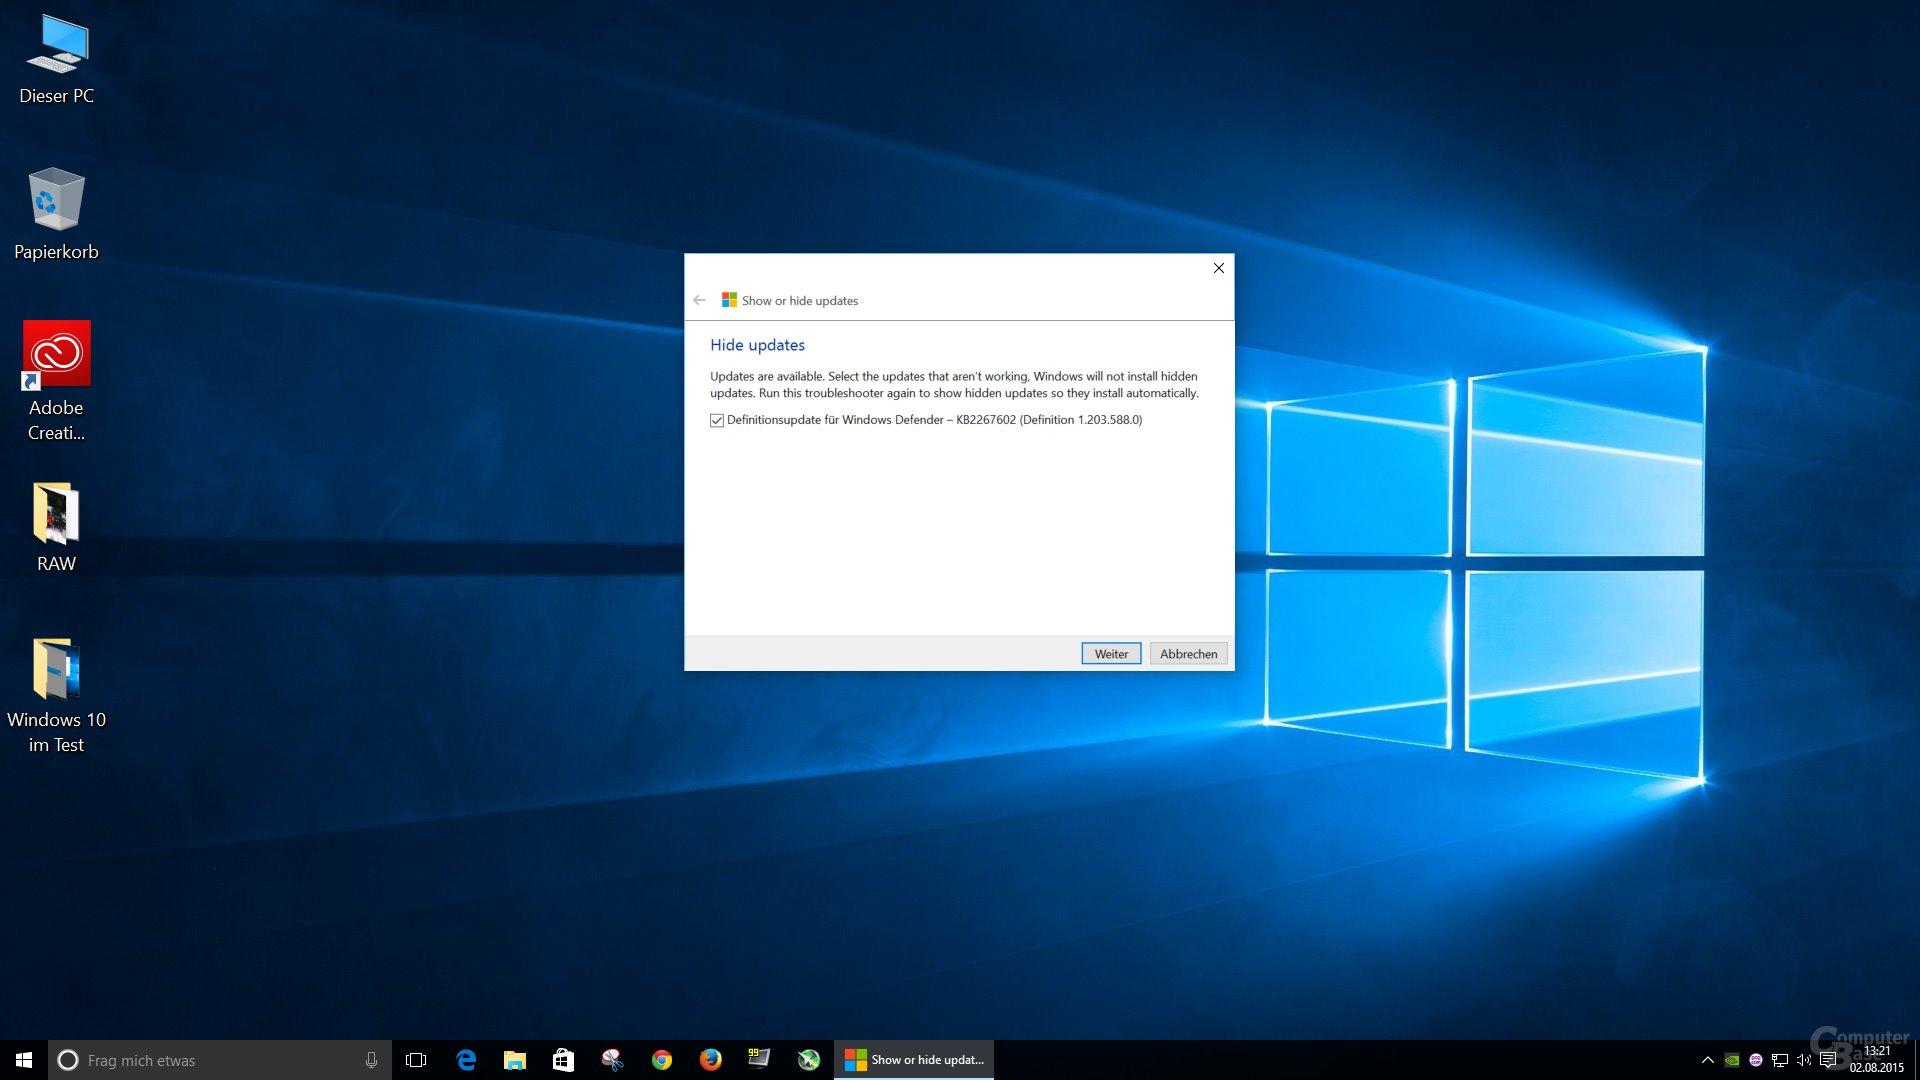 Die erneute Installation fehlerhafter Updates lässt sich unterbinden